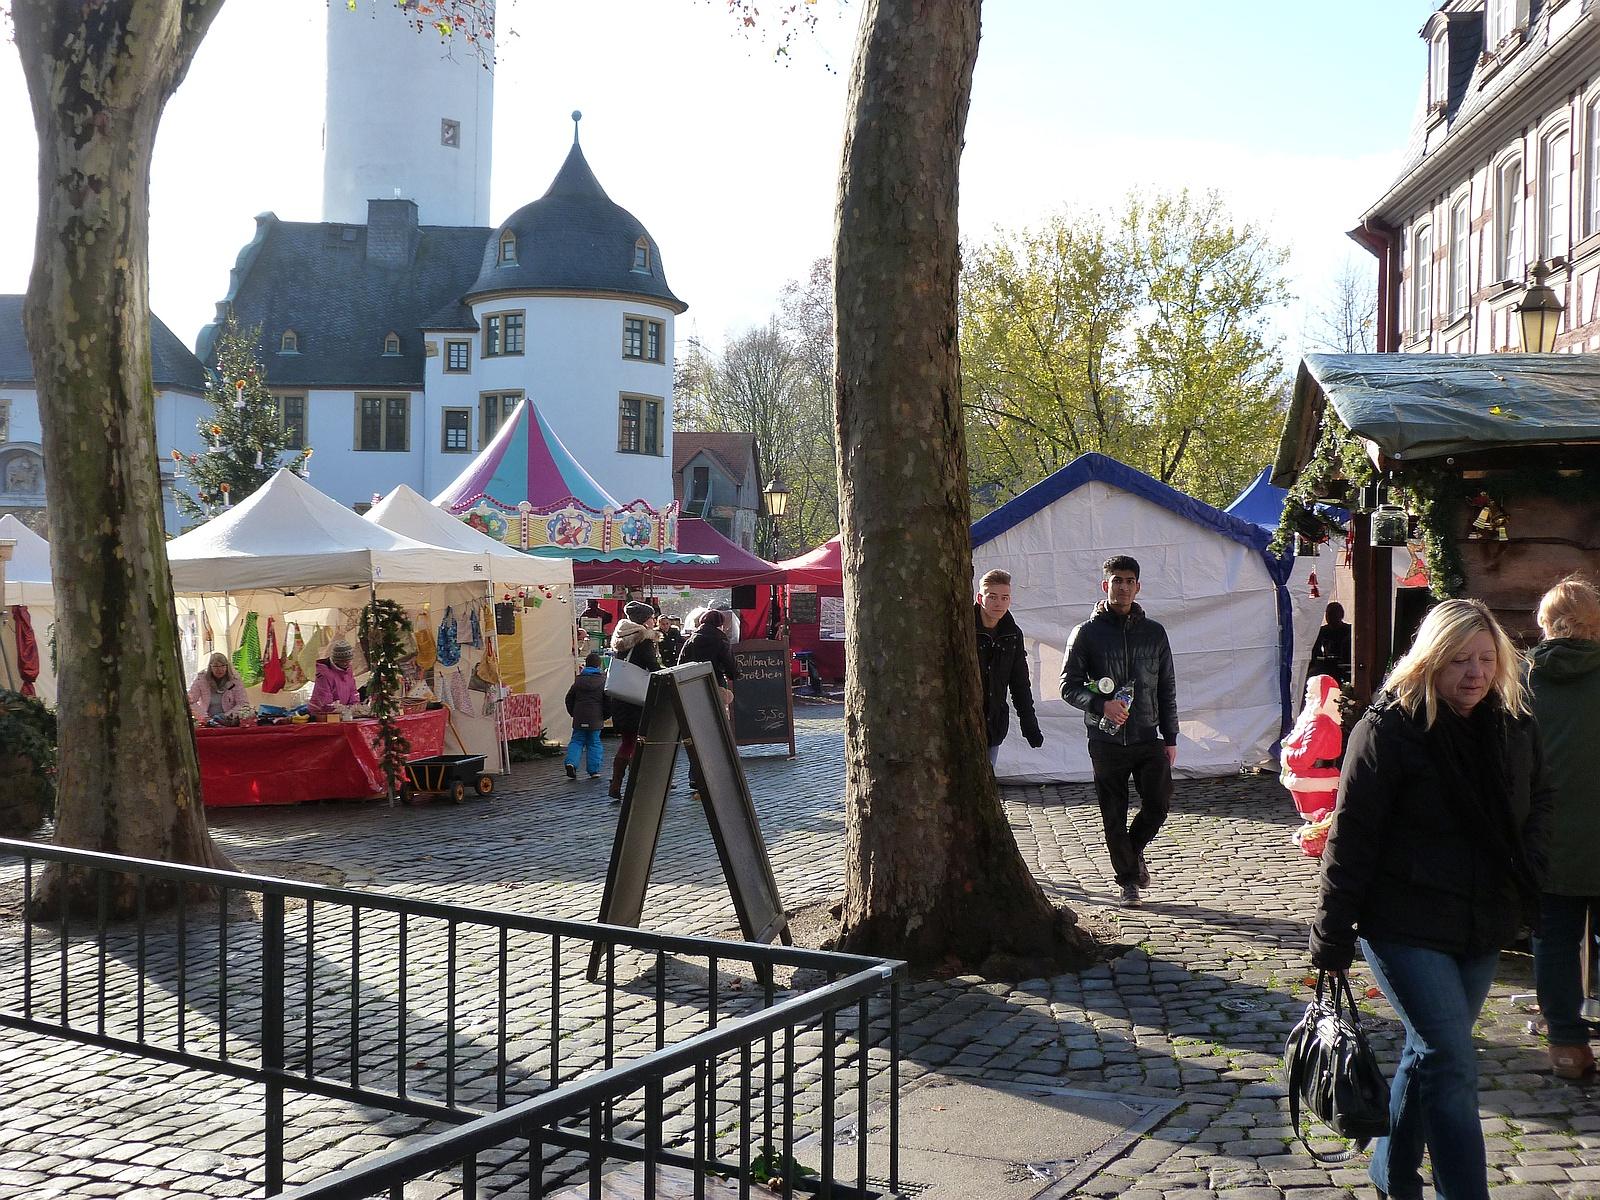 Goetheturm Frankfurt Weihnachtsmarkt.Weihnachtsmarkt Jurgen Lange